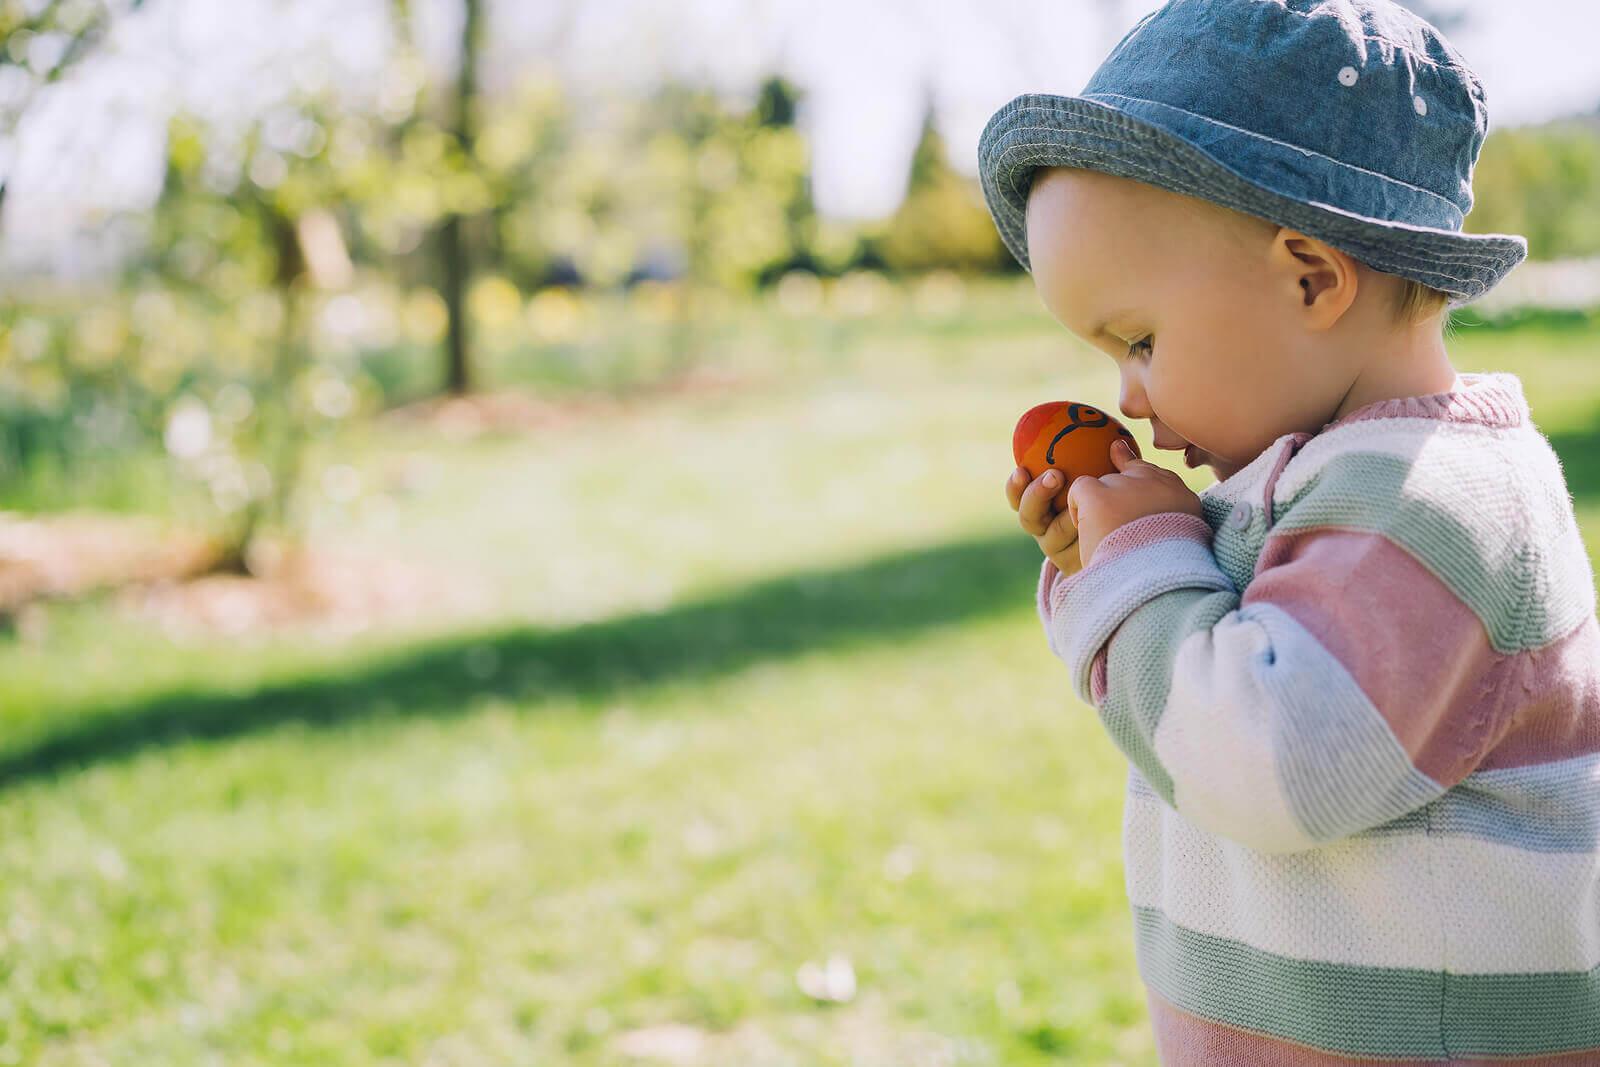 o brincar livre é importante para as crianças pequenas